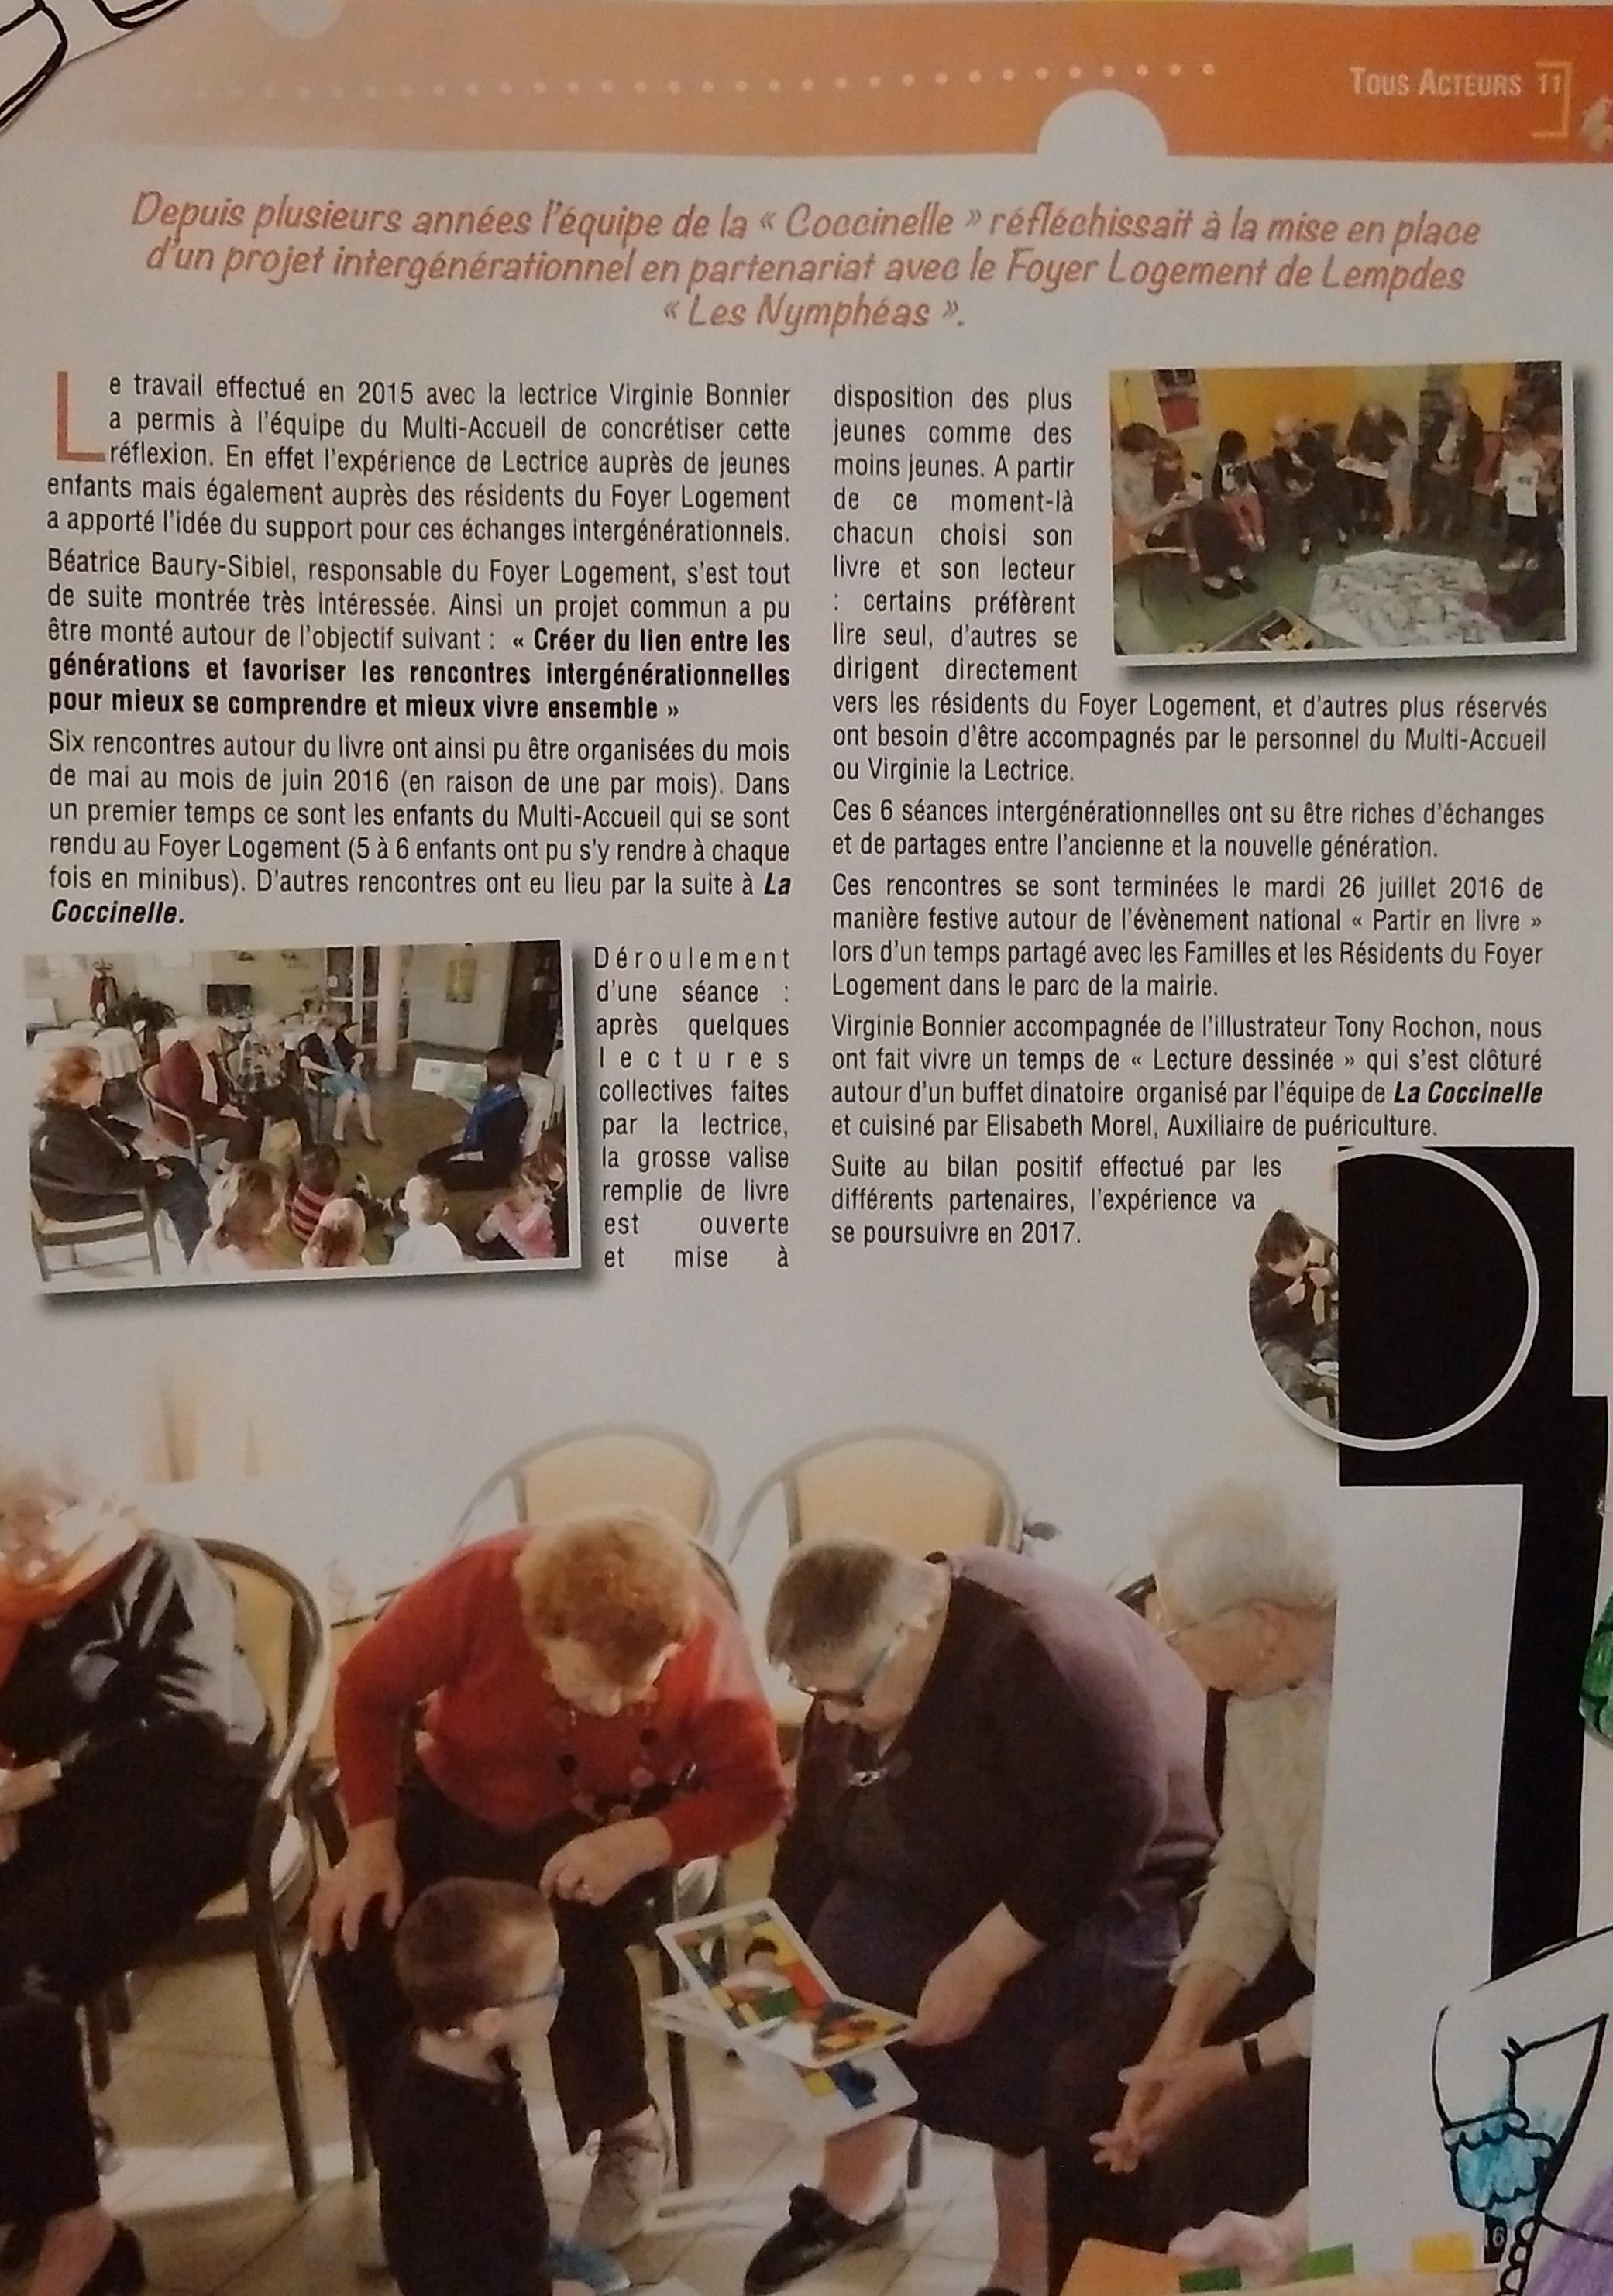 """L'équipe de la """"Coccinelle"""" veut créer du lien entre les générations"""